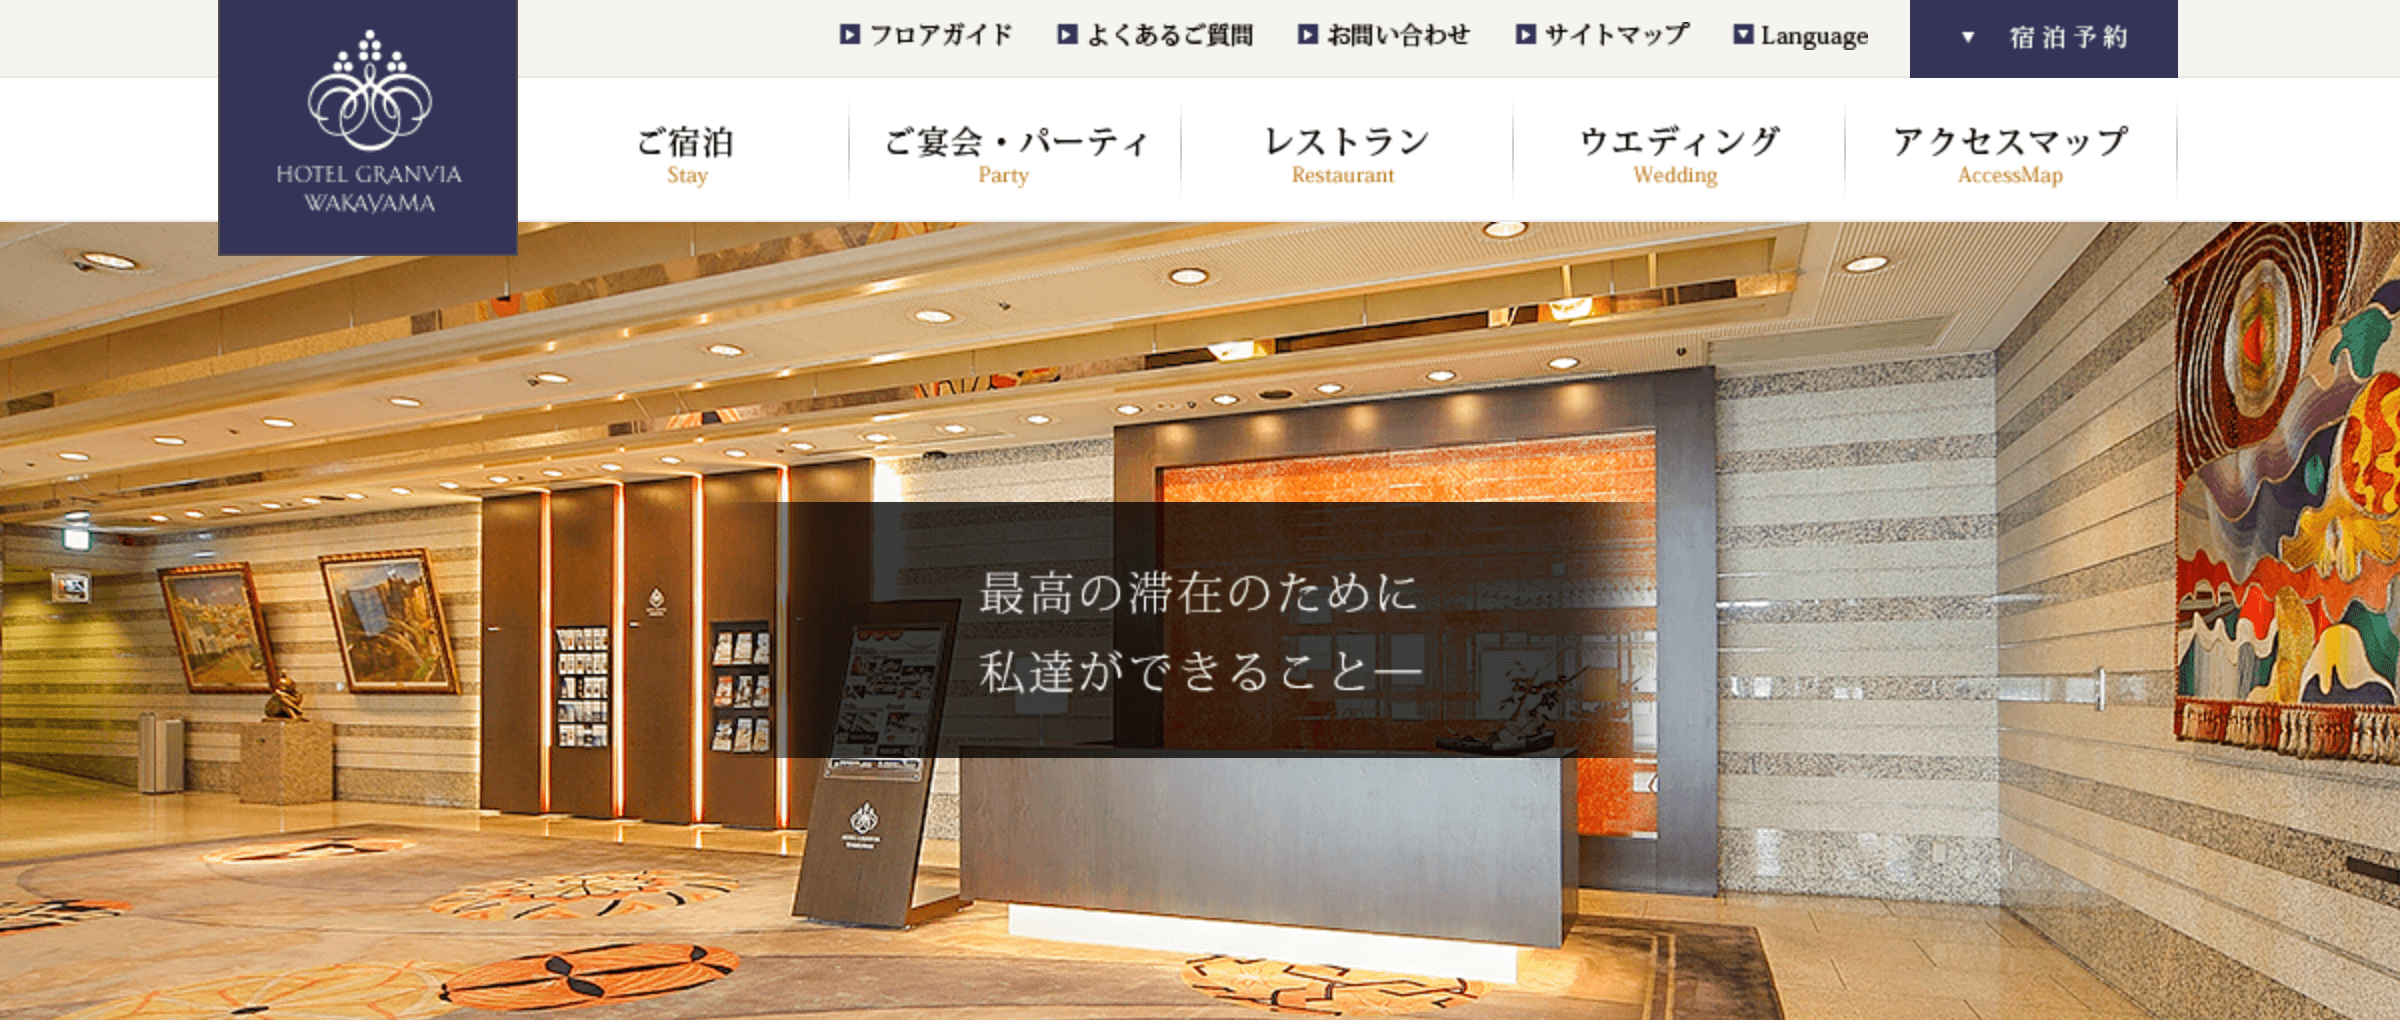 和歌山でパパ活におすすめなホテル「ホテルグランヴィア和歌山」